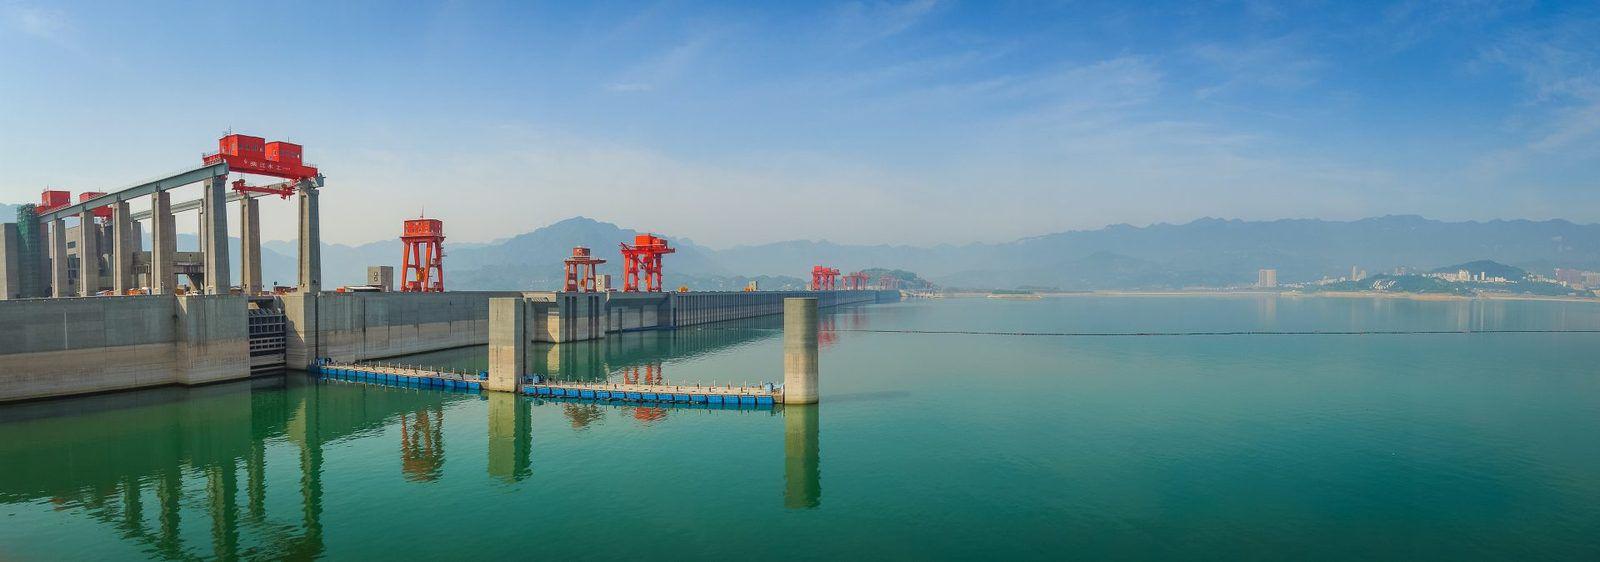 Des inondations menacent les mineurs chinois de Bitcoin, un milliardaire chinois déclare que «l'effondrement du barrage des Trois Gorges est imminent»